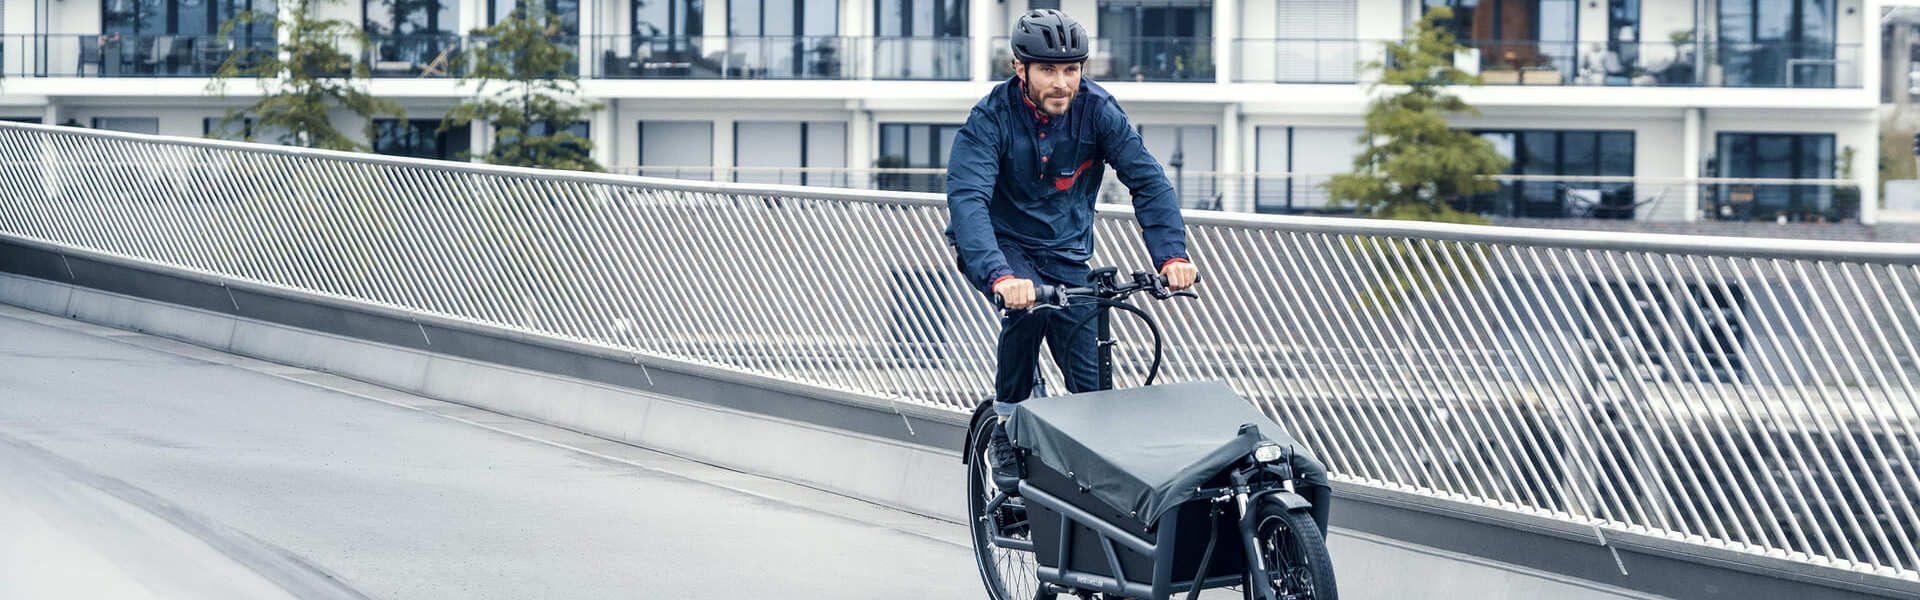 Riese & Müller Lasten e-Bike auf Strasse